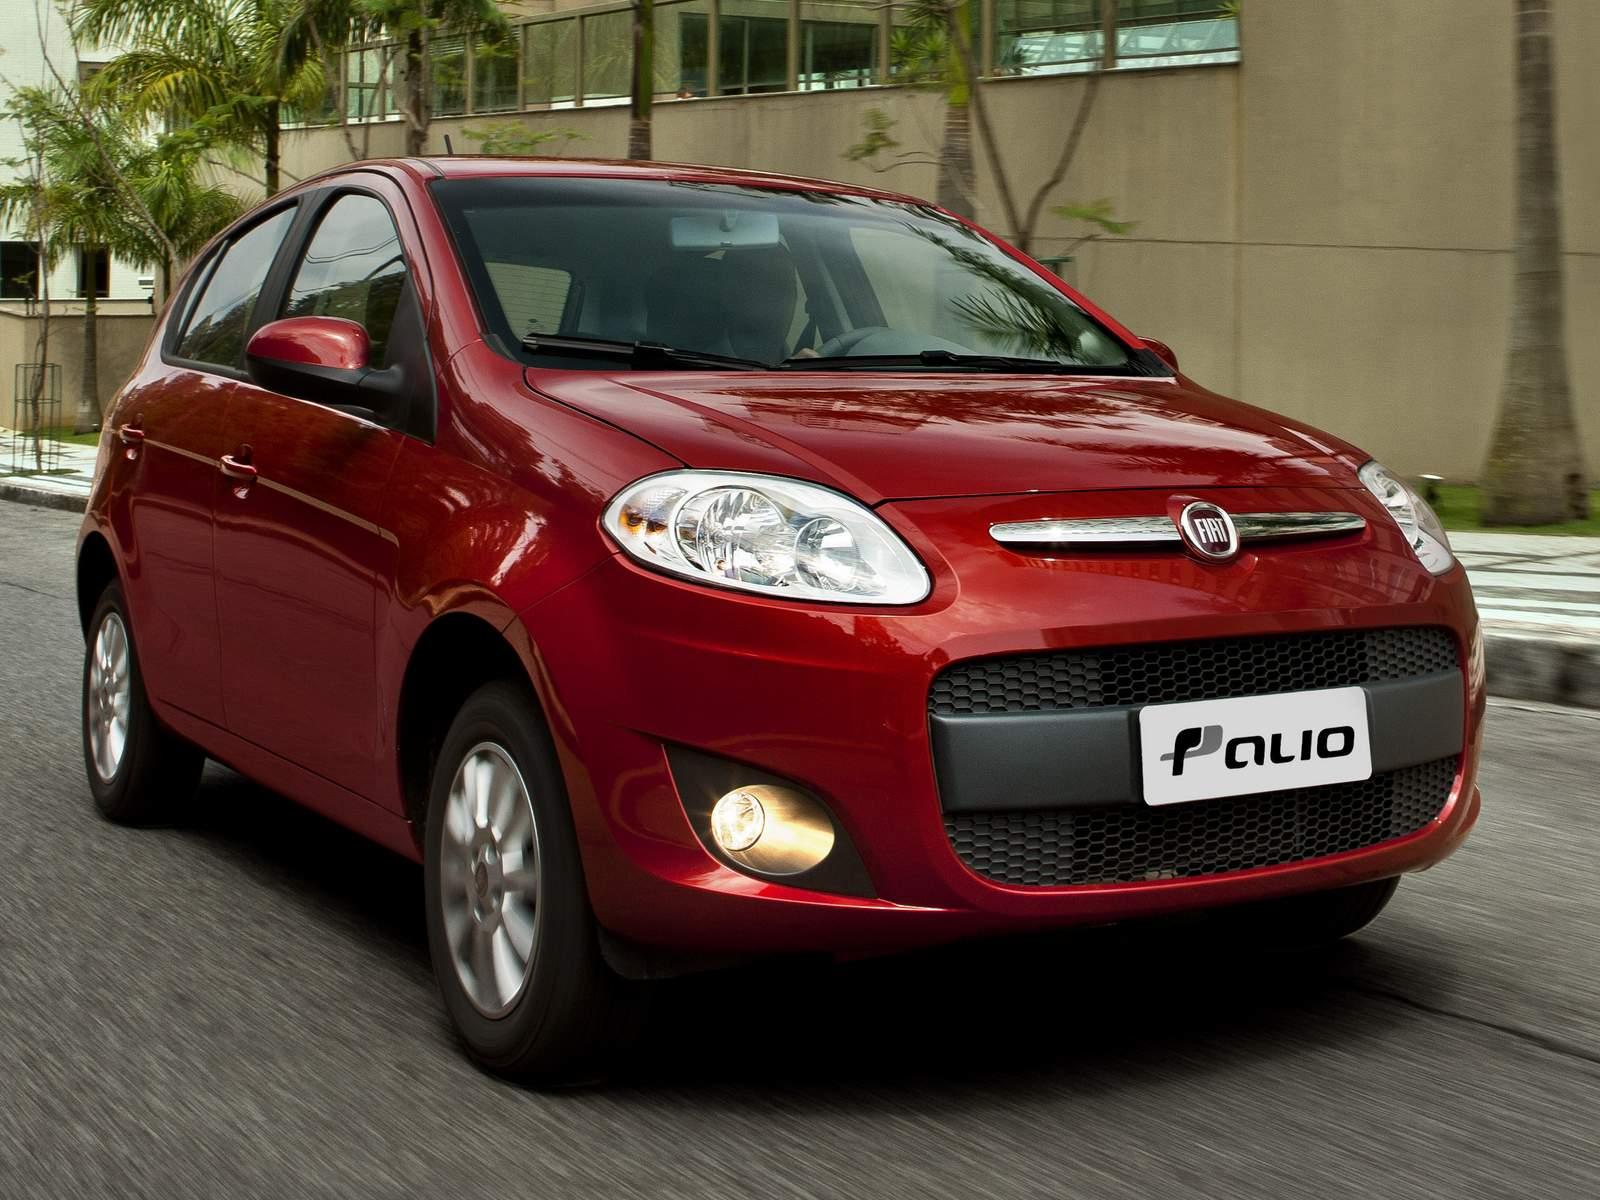 Fiat palio fire 2015 pre o de r reais com for Fiat attractive 2016